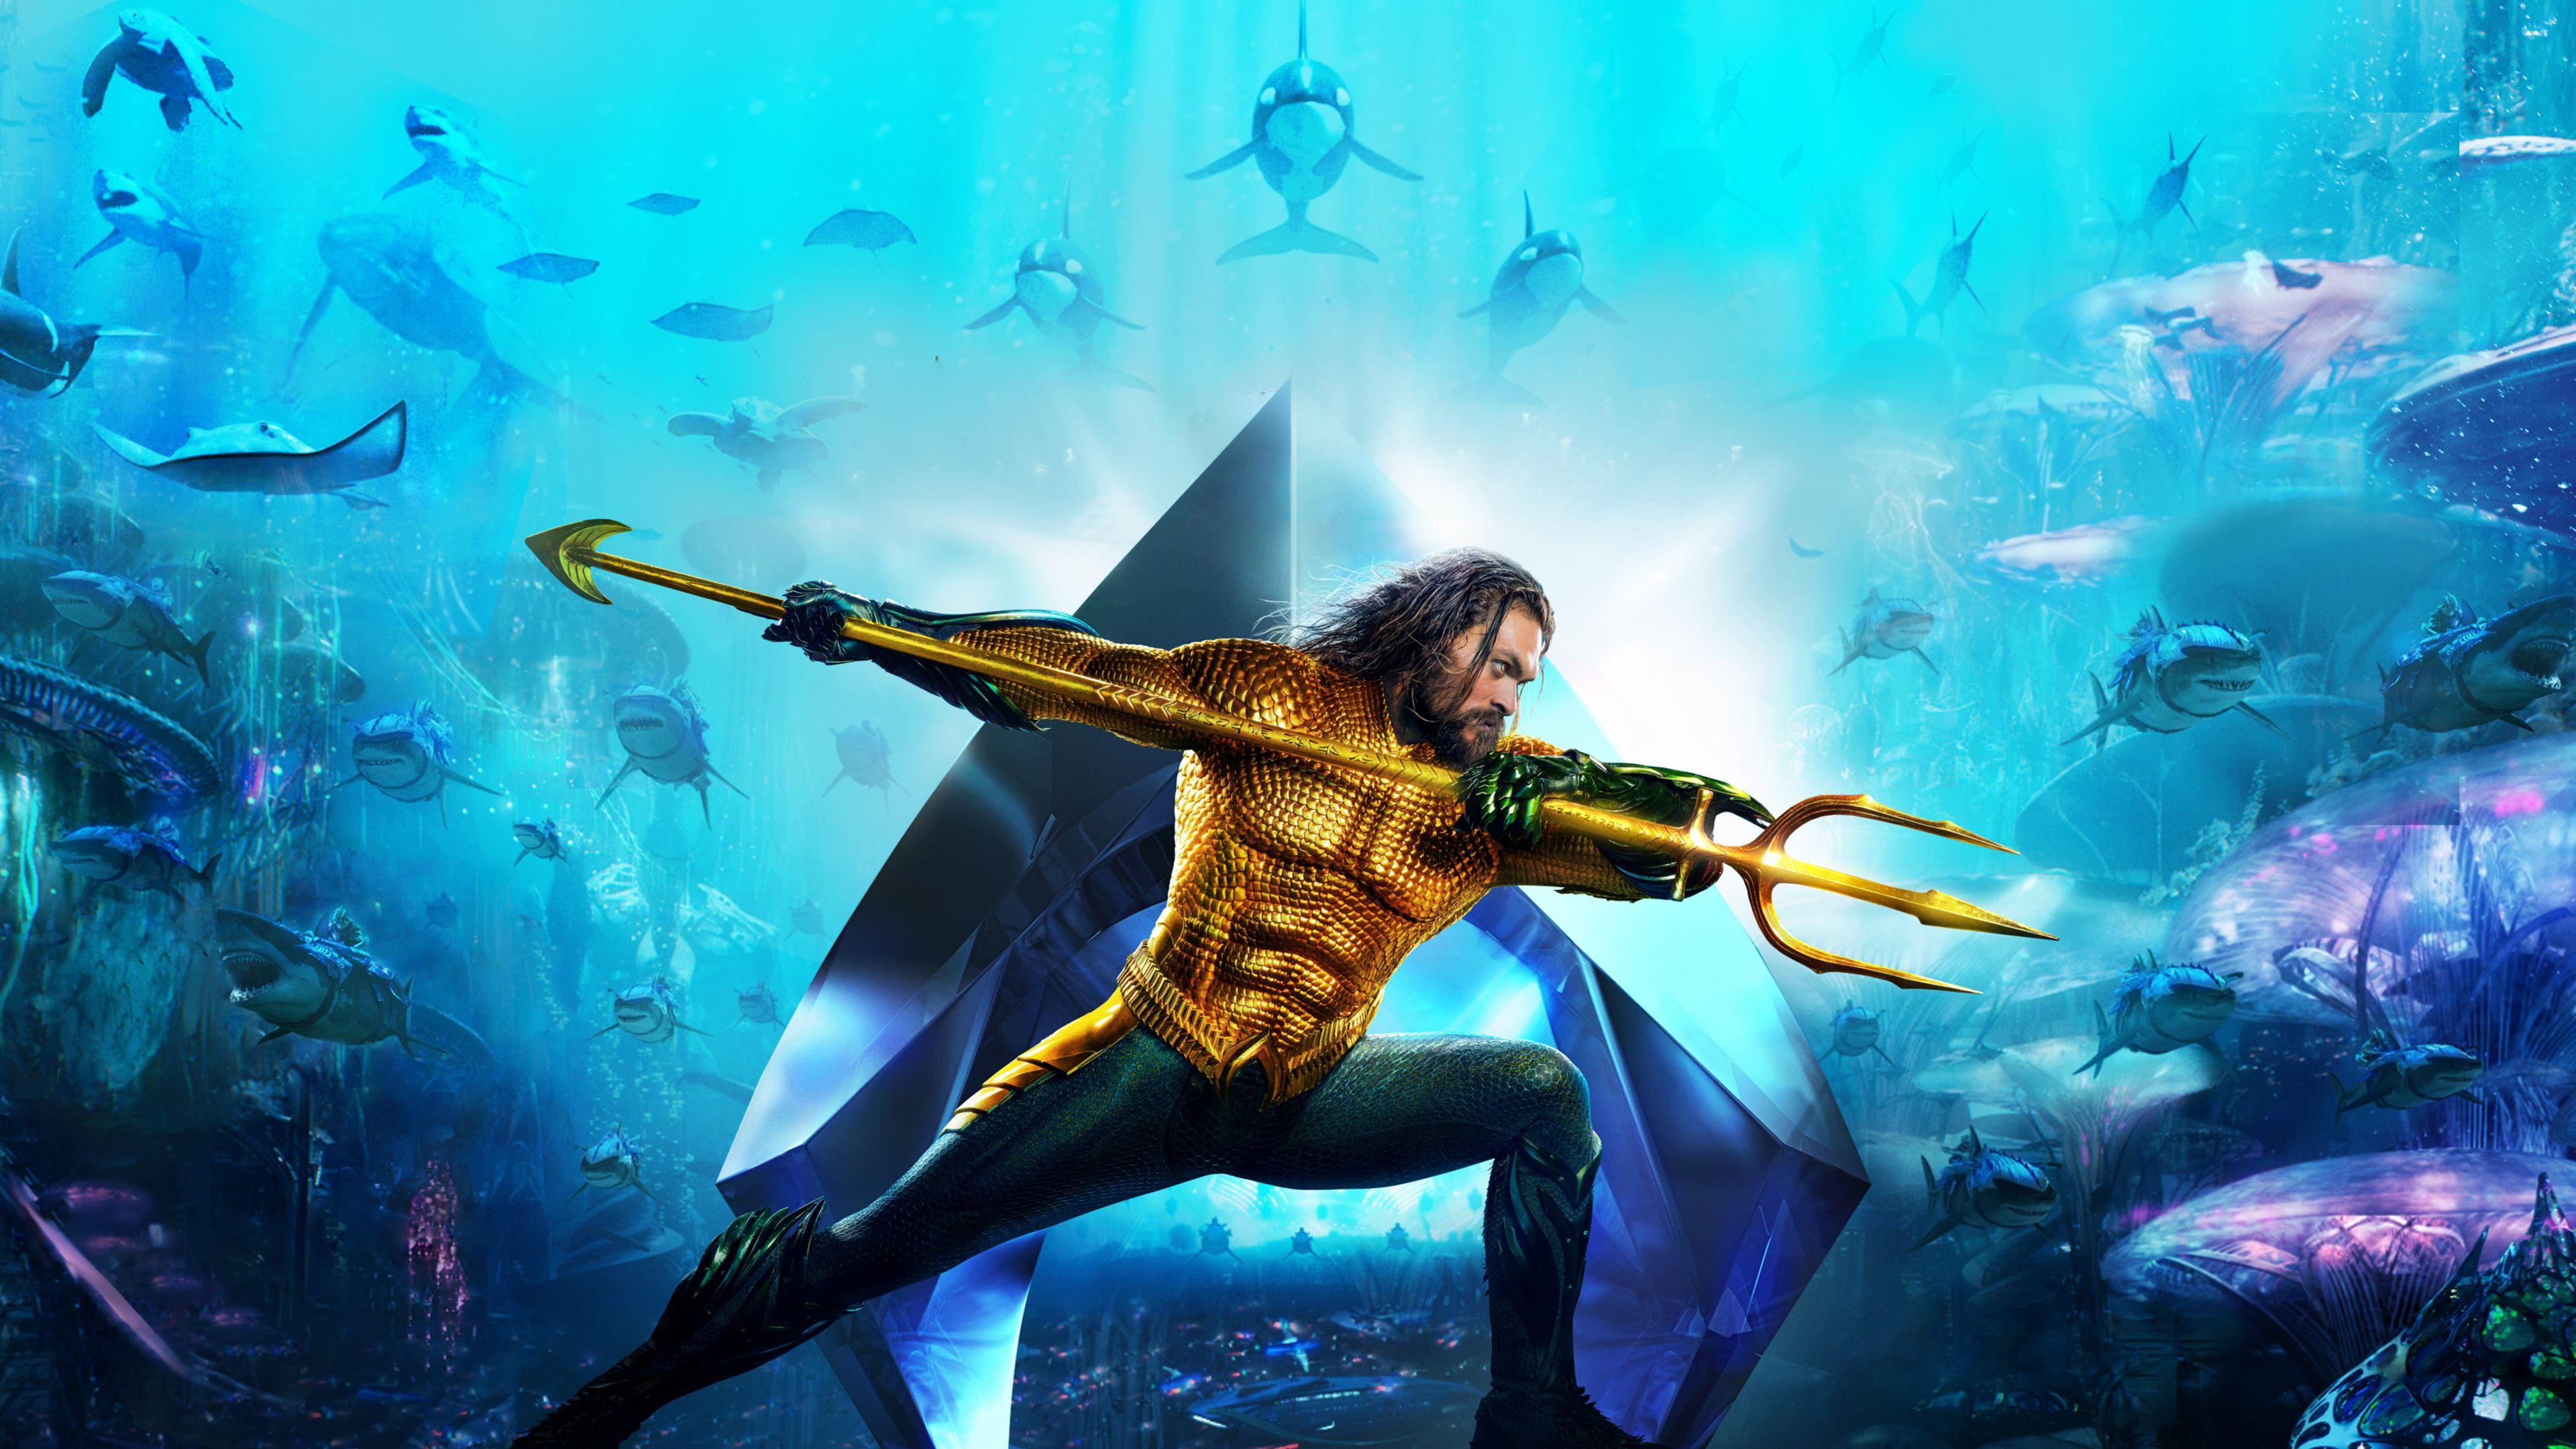 Aquaman Poster 2018 4k New Aquaman Wallpapers Hd 4k Download Aquaman New Poster 4k Aquaman Movie Wallpapers Hd 4k Aquaman 1080 P Aquaman 2018 Aquaman Movies